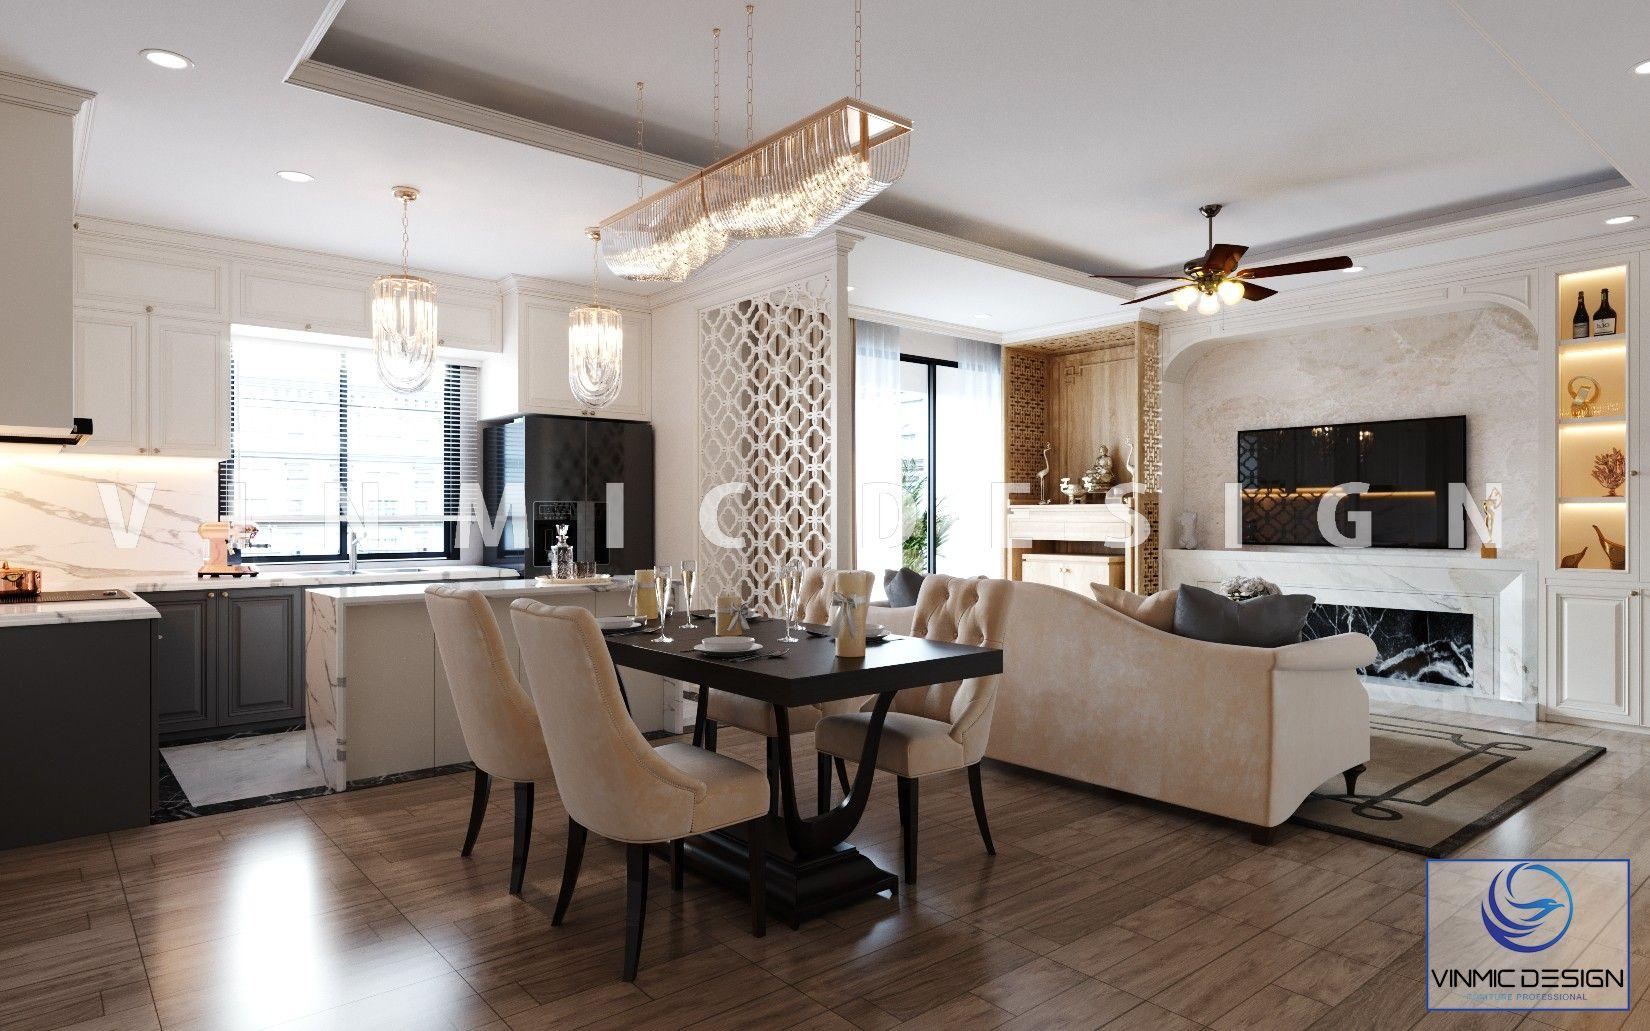 Thiết kế nội thất tone màu kem đẹp tại căn hộ Imperia Sky Garden